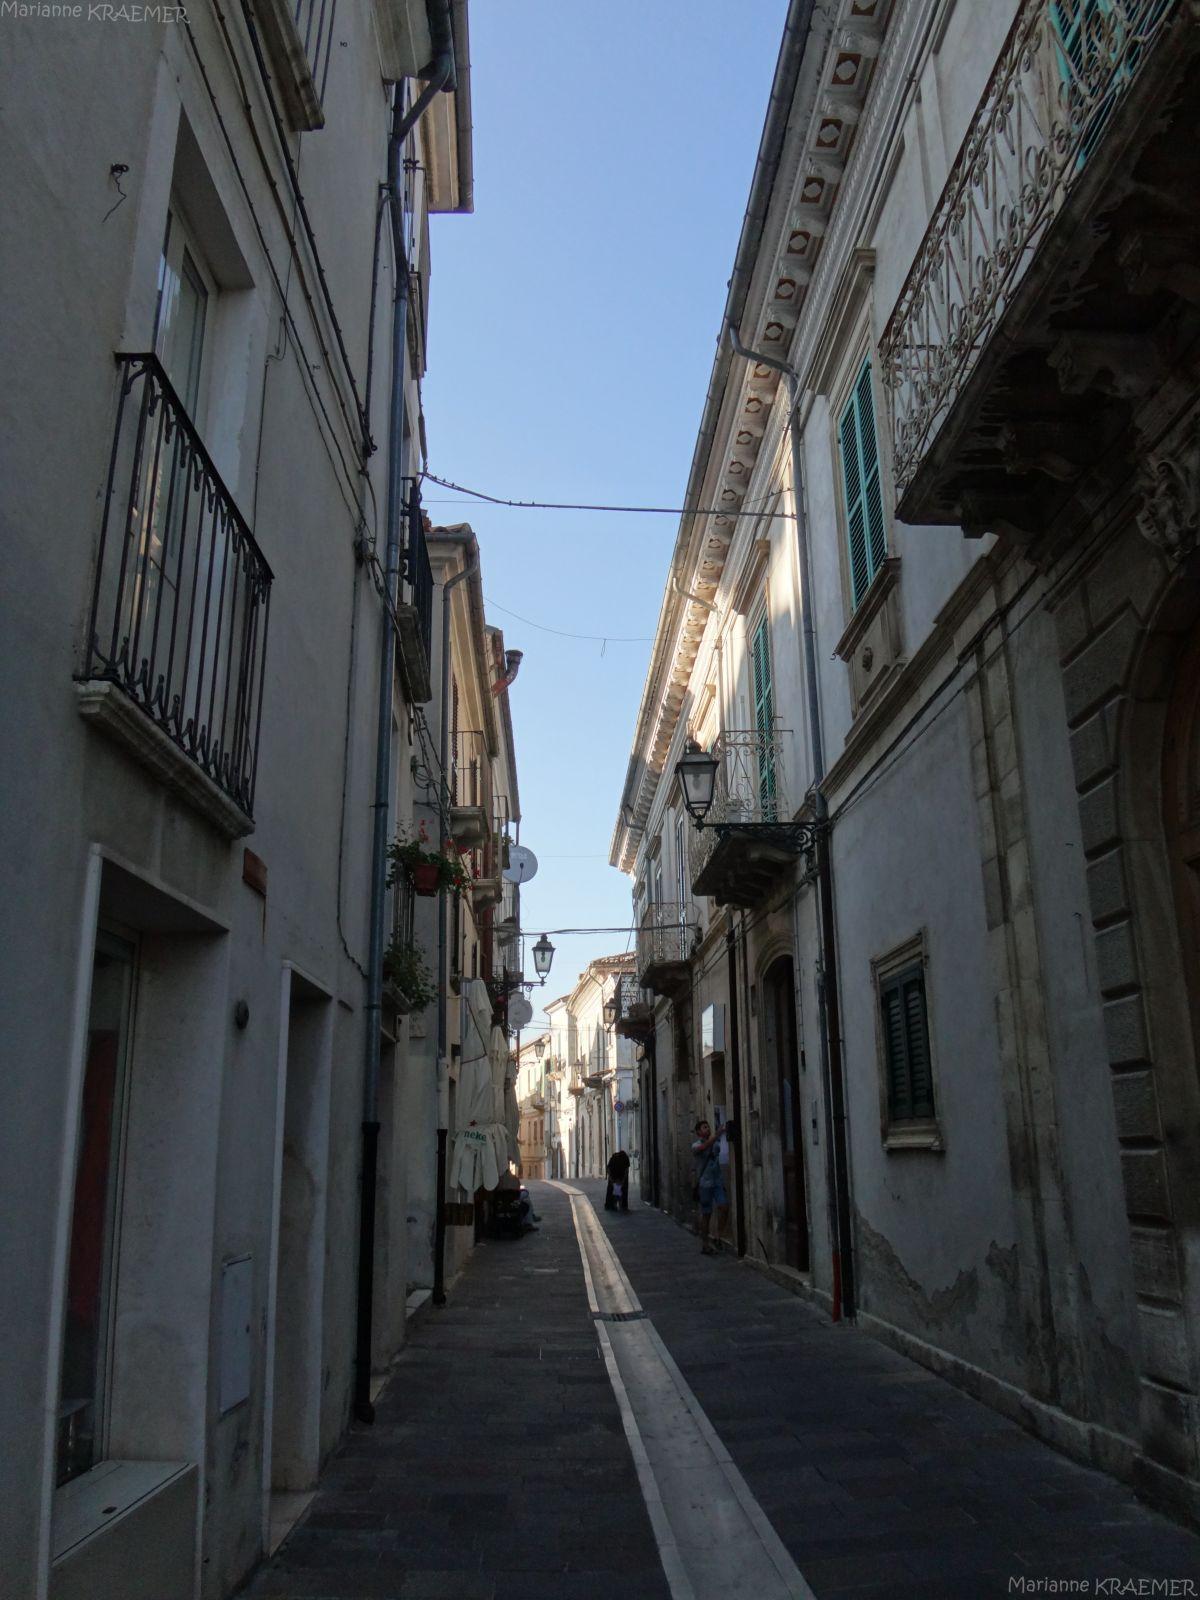 Acheter Une Maison En Italie Abruzzes italie: escapade entre bari et la toscane - pepetteenvadrouille